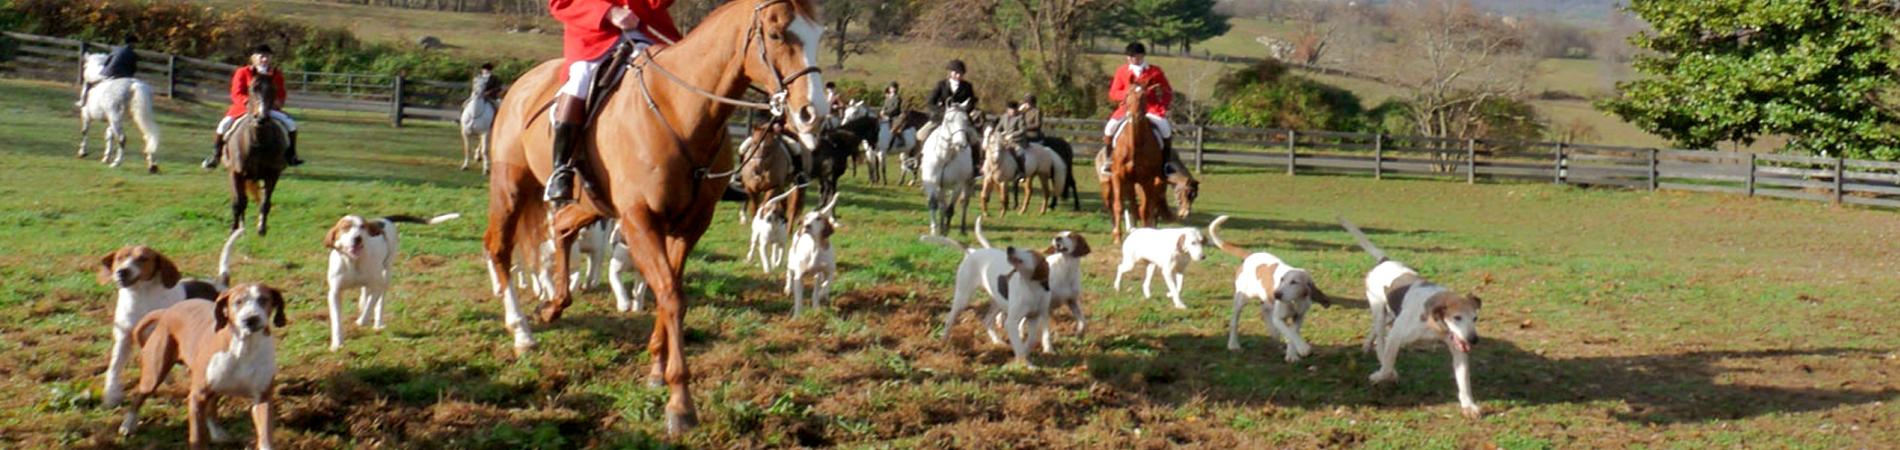 HorseHounds_450px